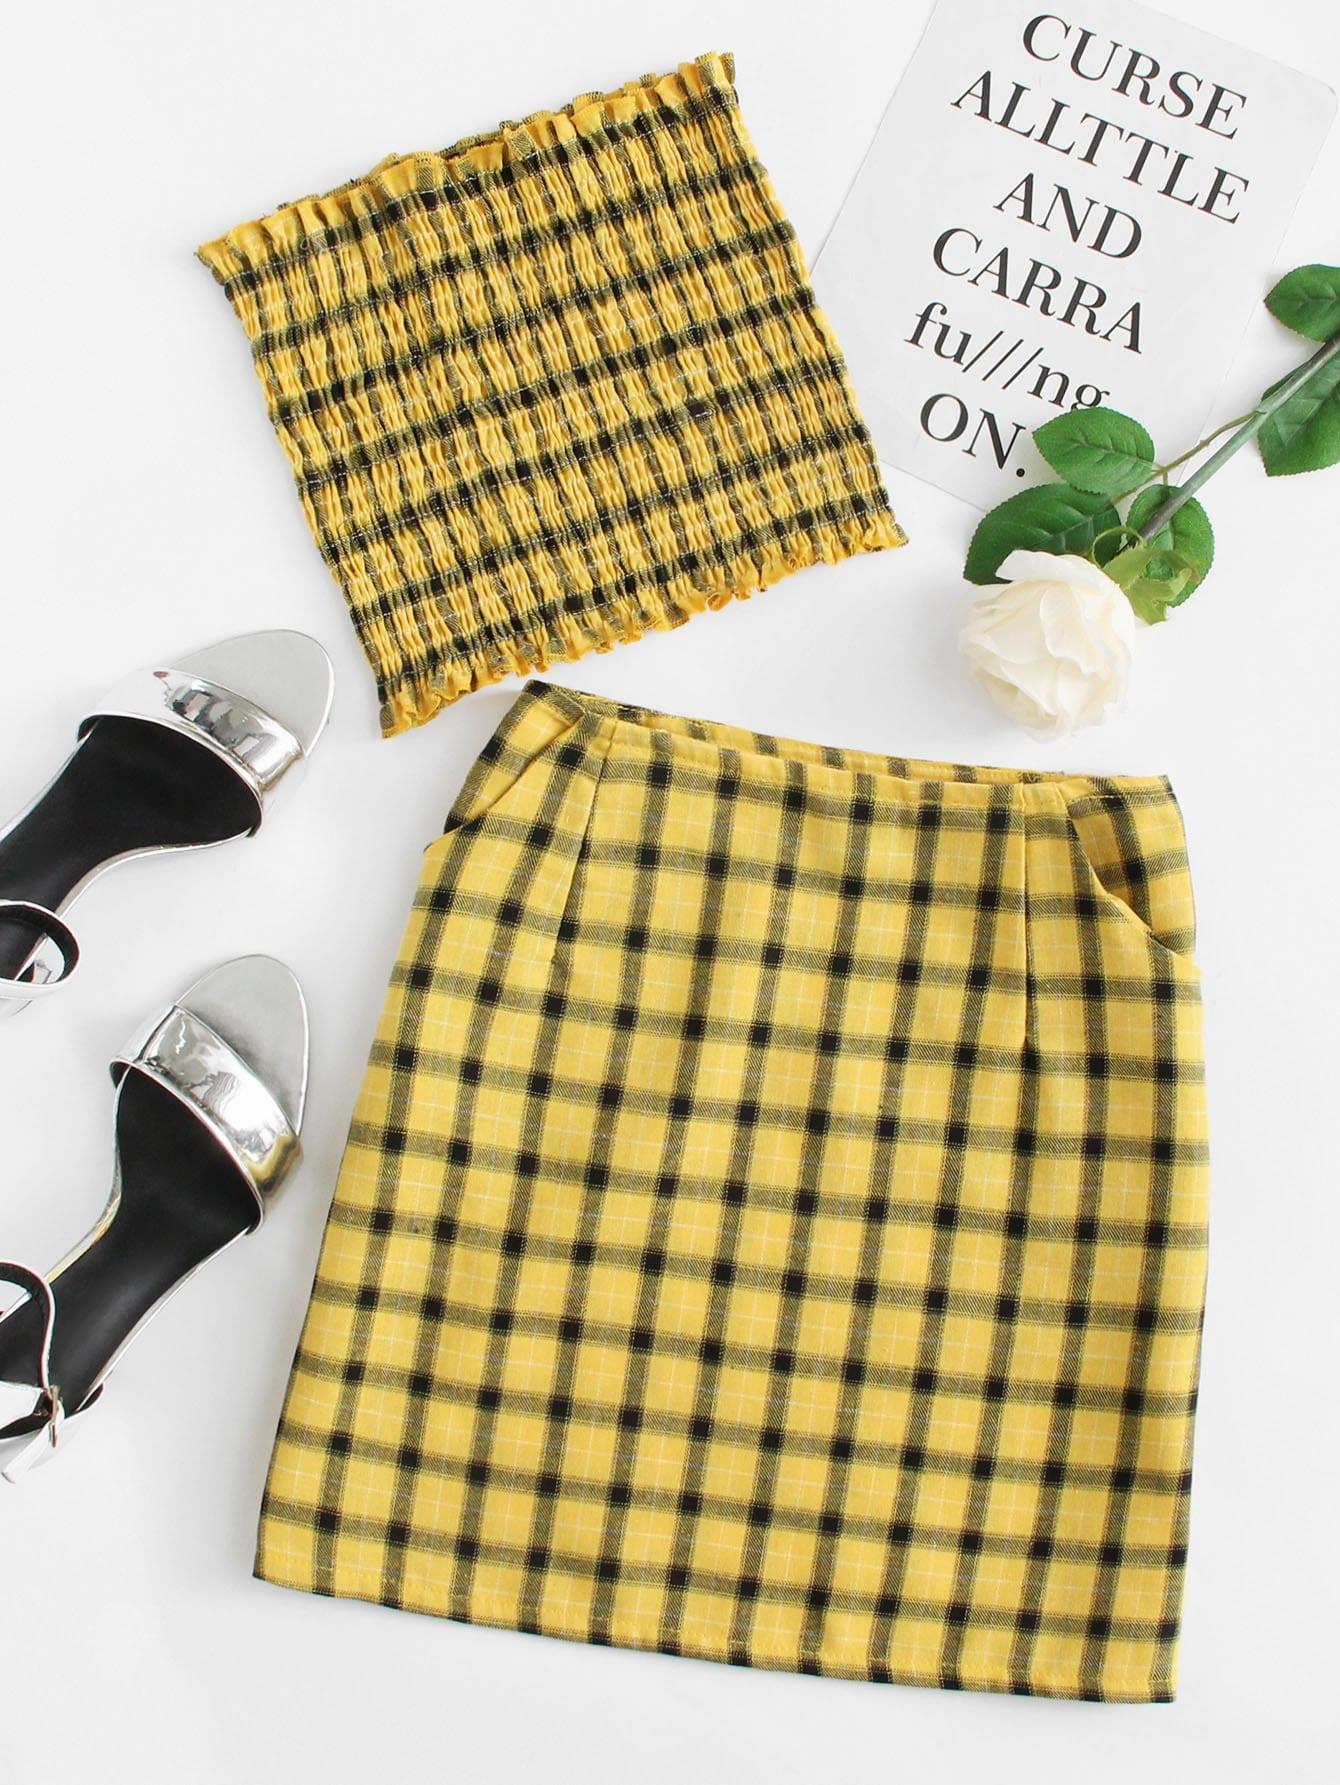 Купить Повседневный стиль Клетчатые изображения Складки Желтый Комплект, null, SheIn